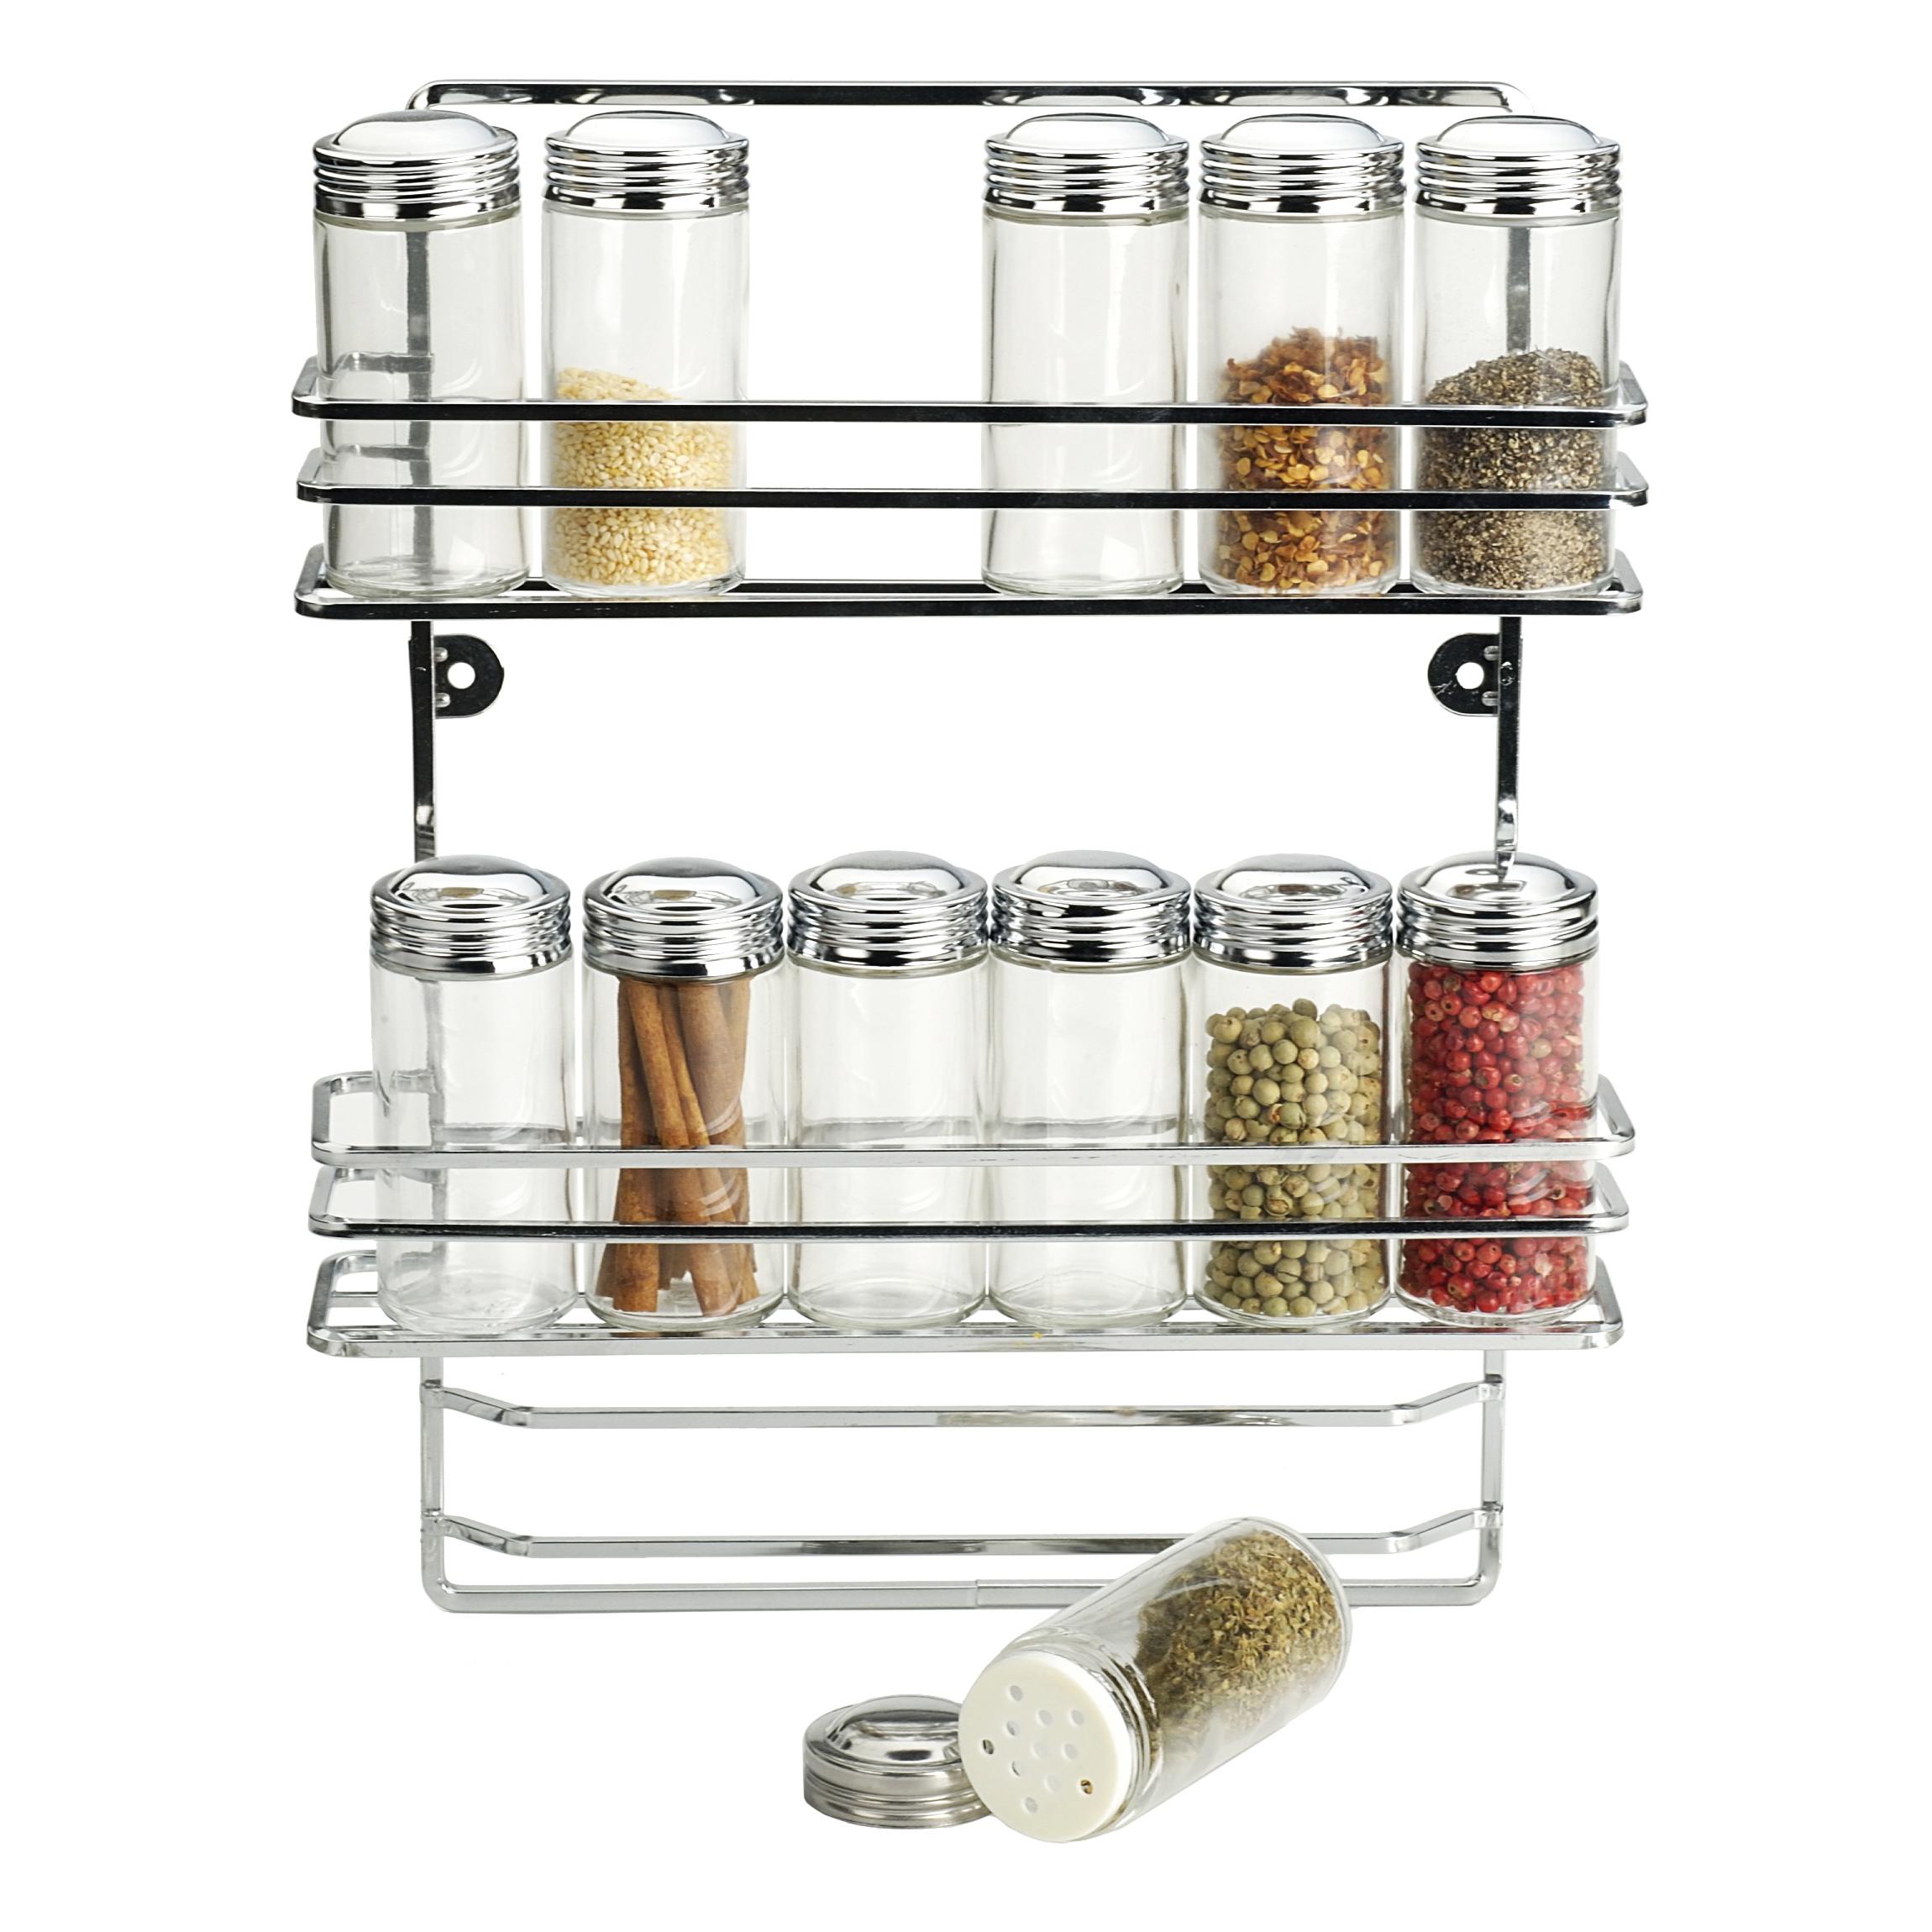 RSVP Chromed Wire Hanging Spice Rack Set